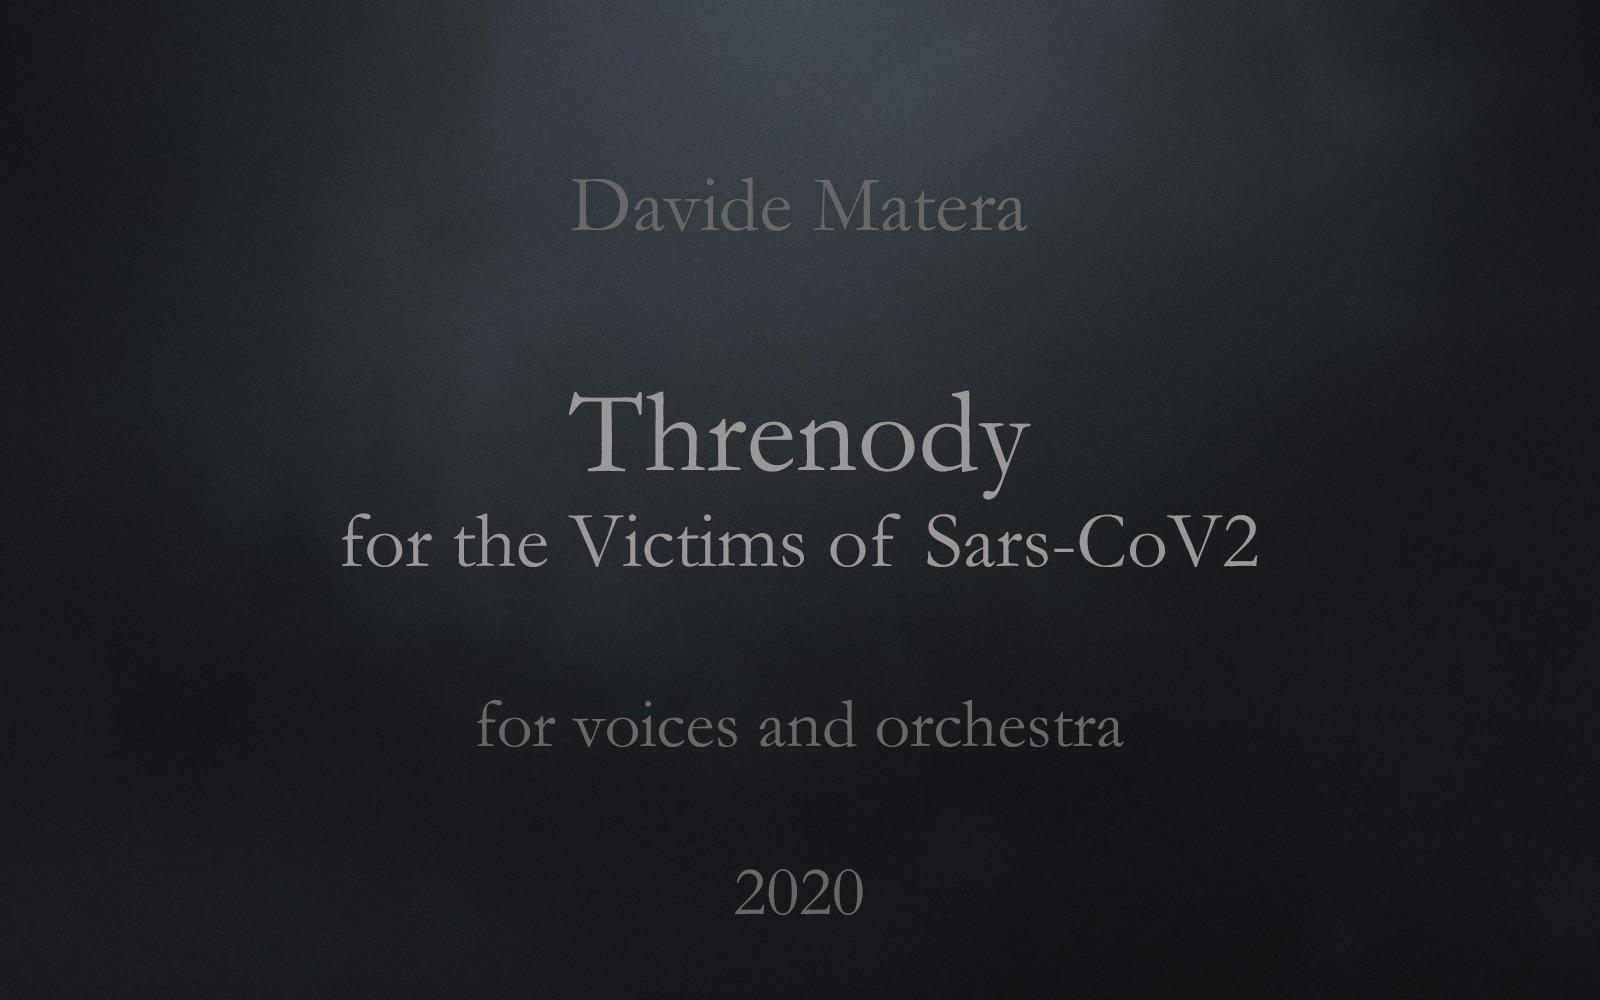 Davide Matera: La mia Trenodia per le vittime del Covid-19